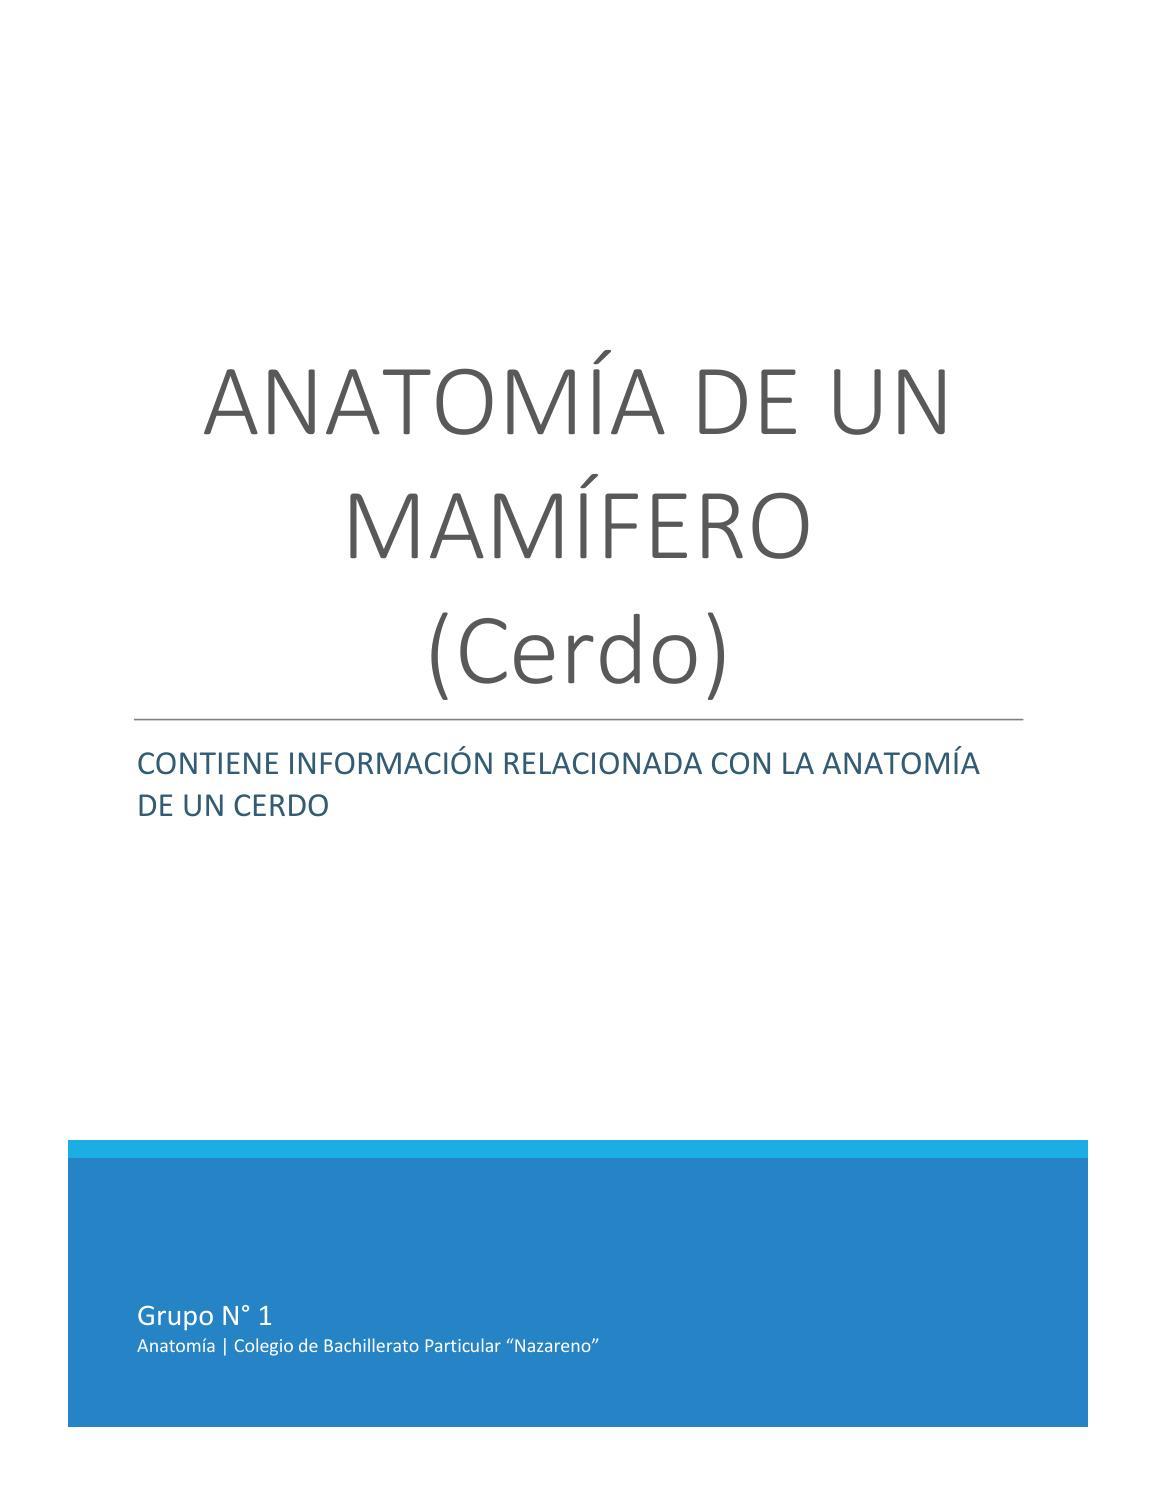 Anatomía de un mamífero by k.l.adriano999 - issuu